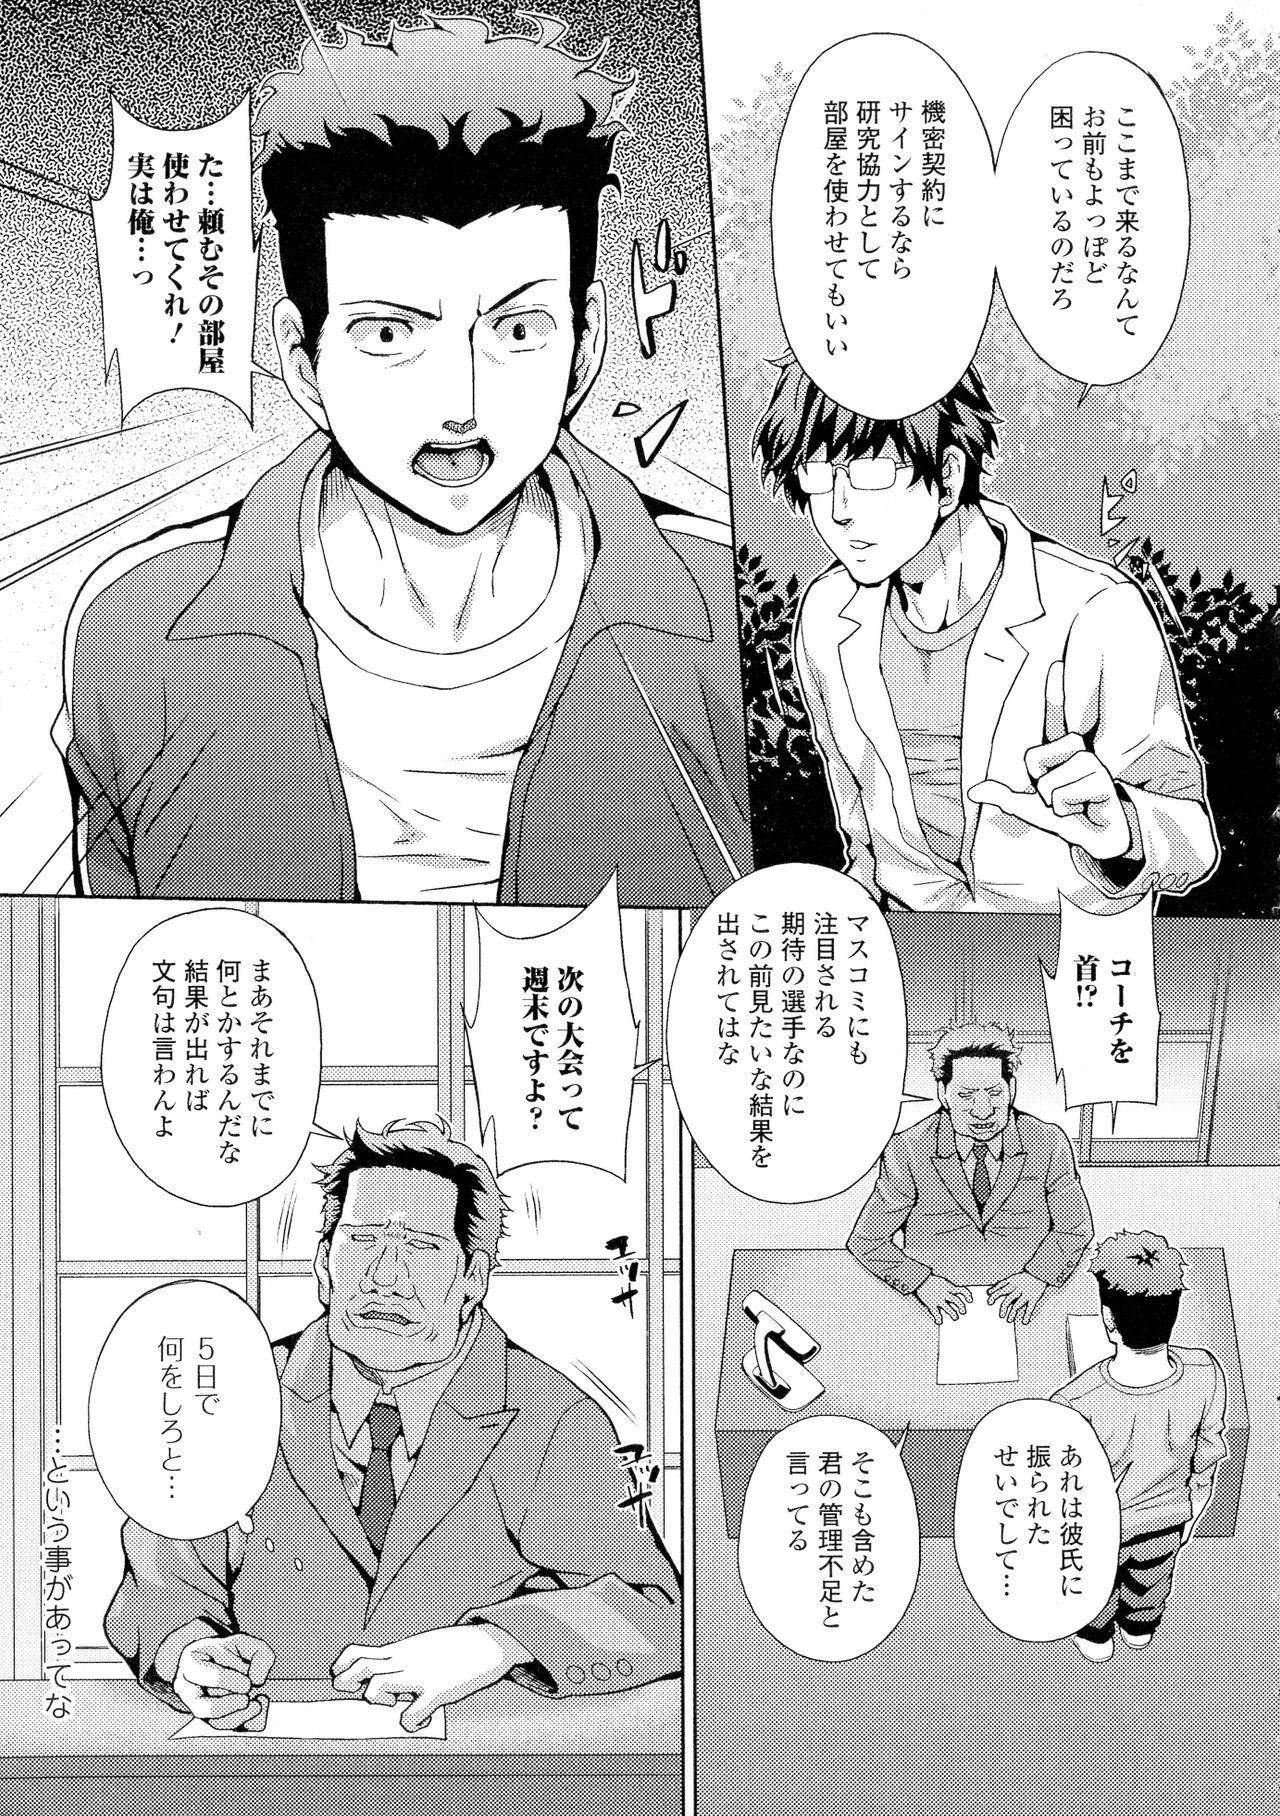 Futanari Tsunagari - Androgynos Sexual intercourse 179